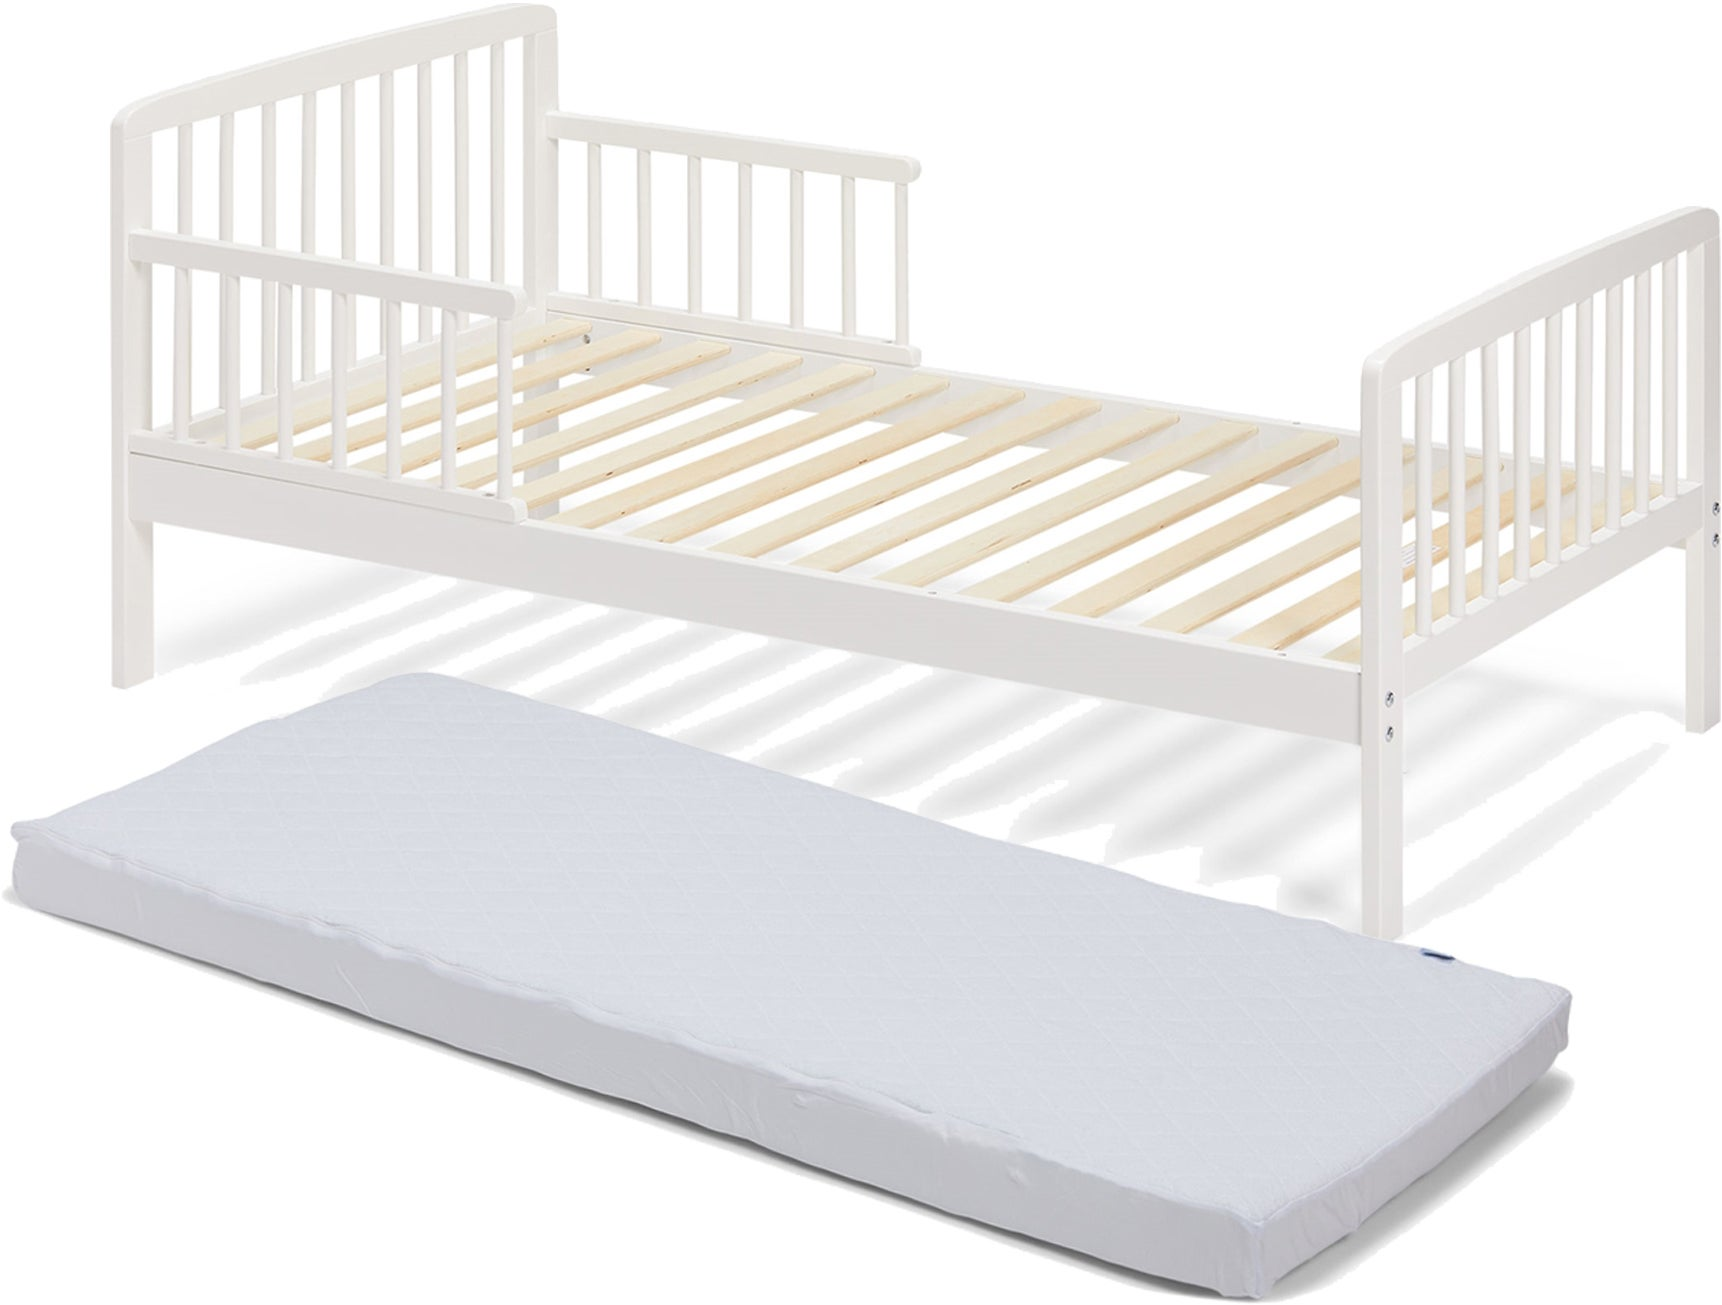 JLY Heaven Juniorisänky, Valkoinen & BabyMatex Patja Soft Plus